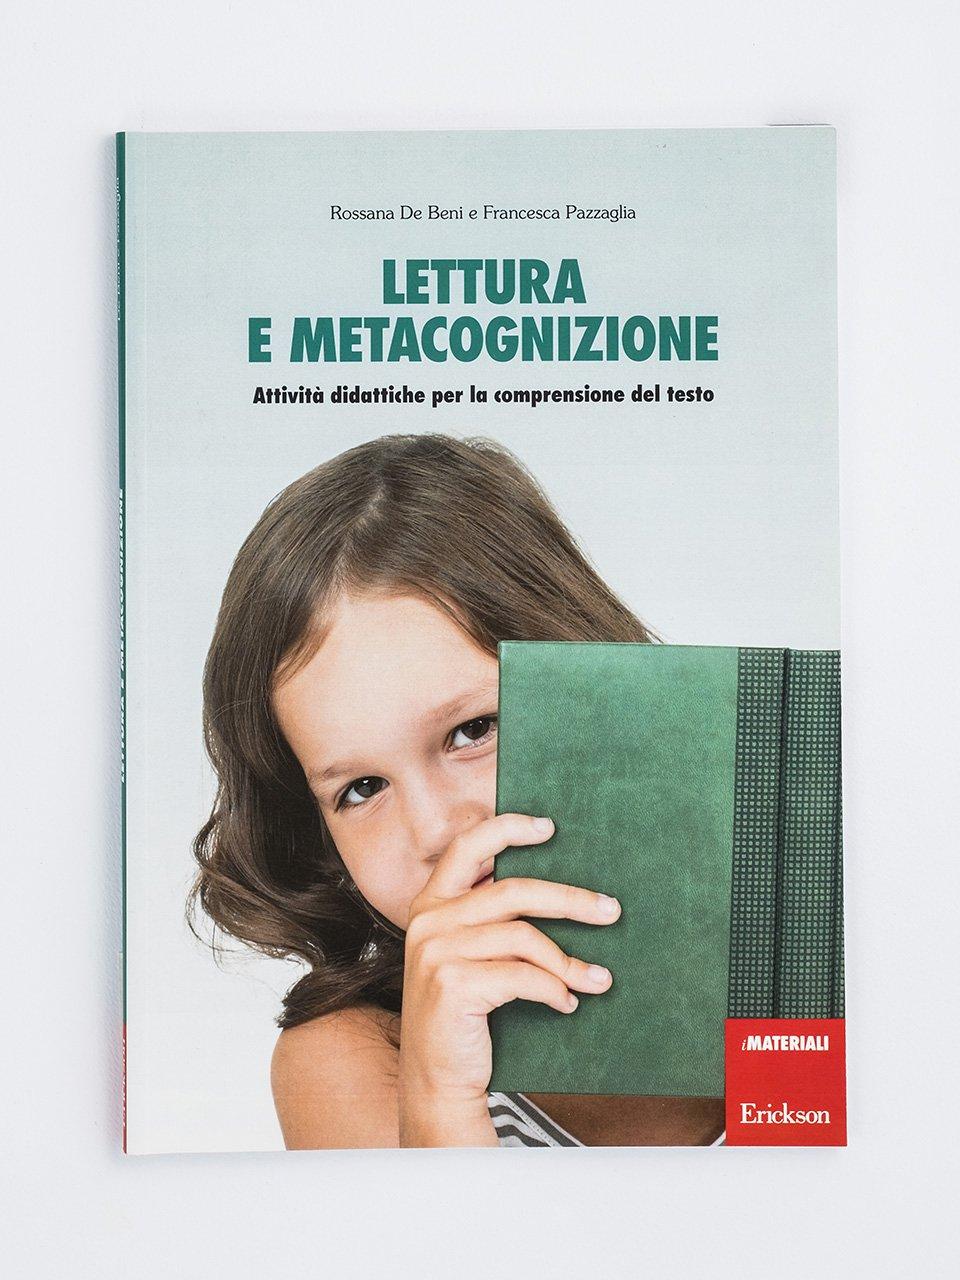 Lettura e metacognizione - Schede per Tablotto (6-8 anni) - Parole e frasi st - Giochi - Erickson